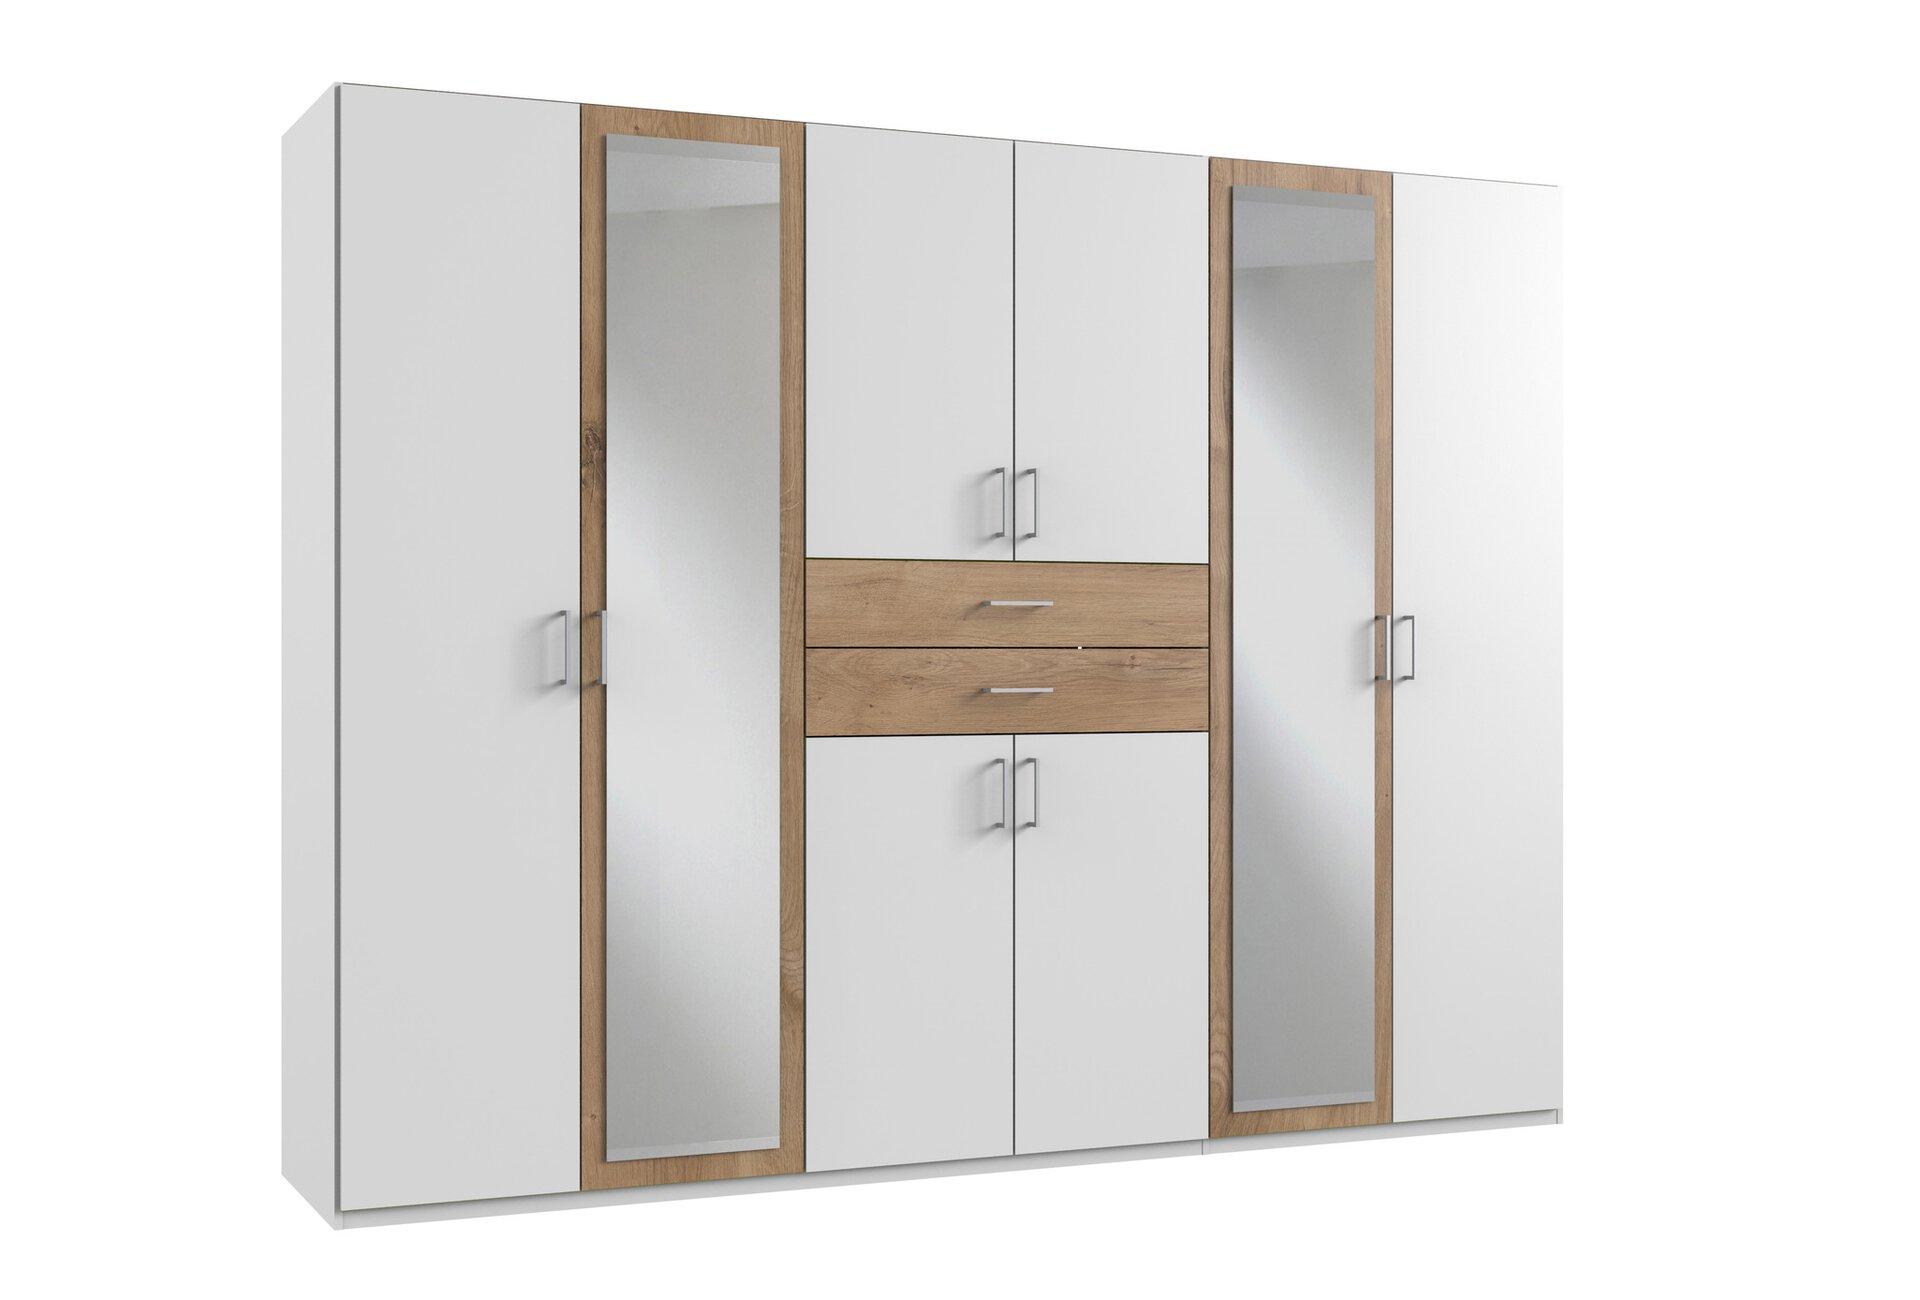 Drehtürenschrank DIVER Wimex Wohnbedarf Holzwerkstoff weiß 58 x 210 x 270 cm